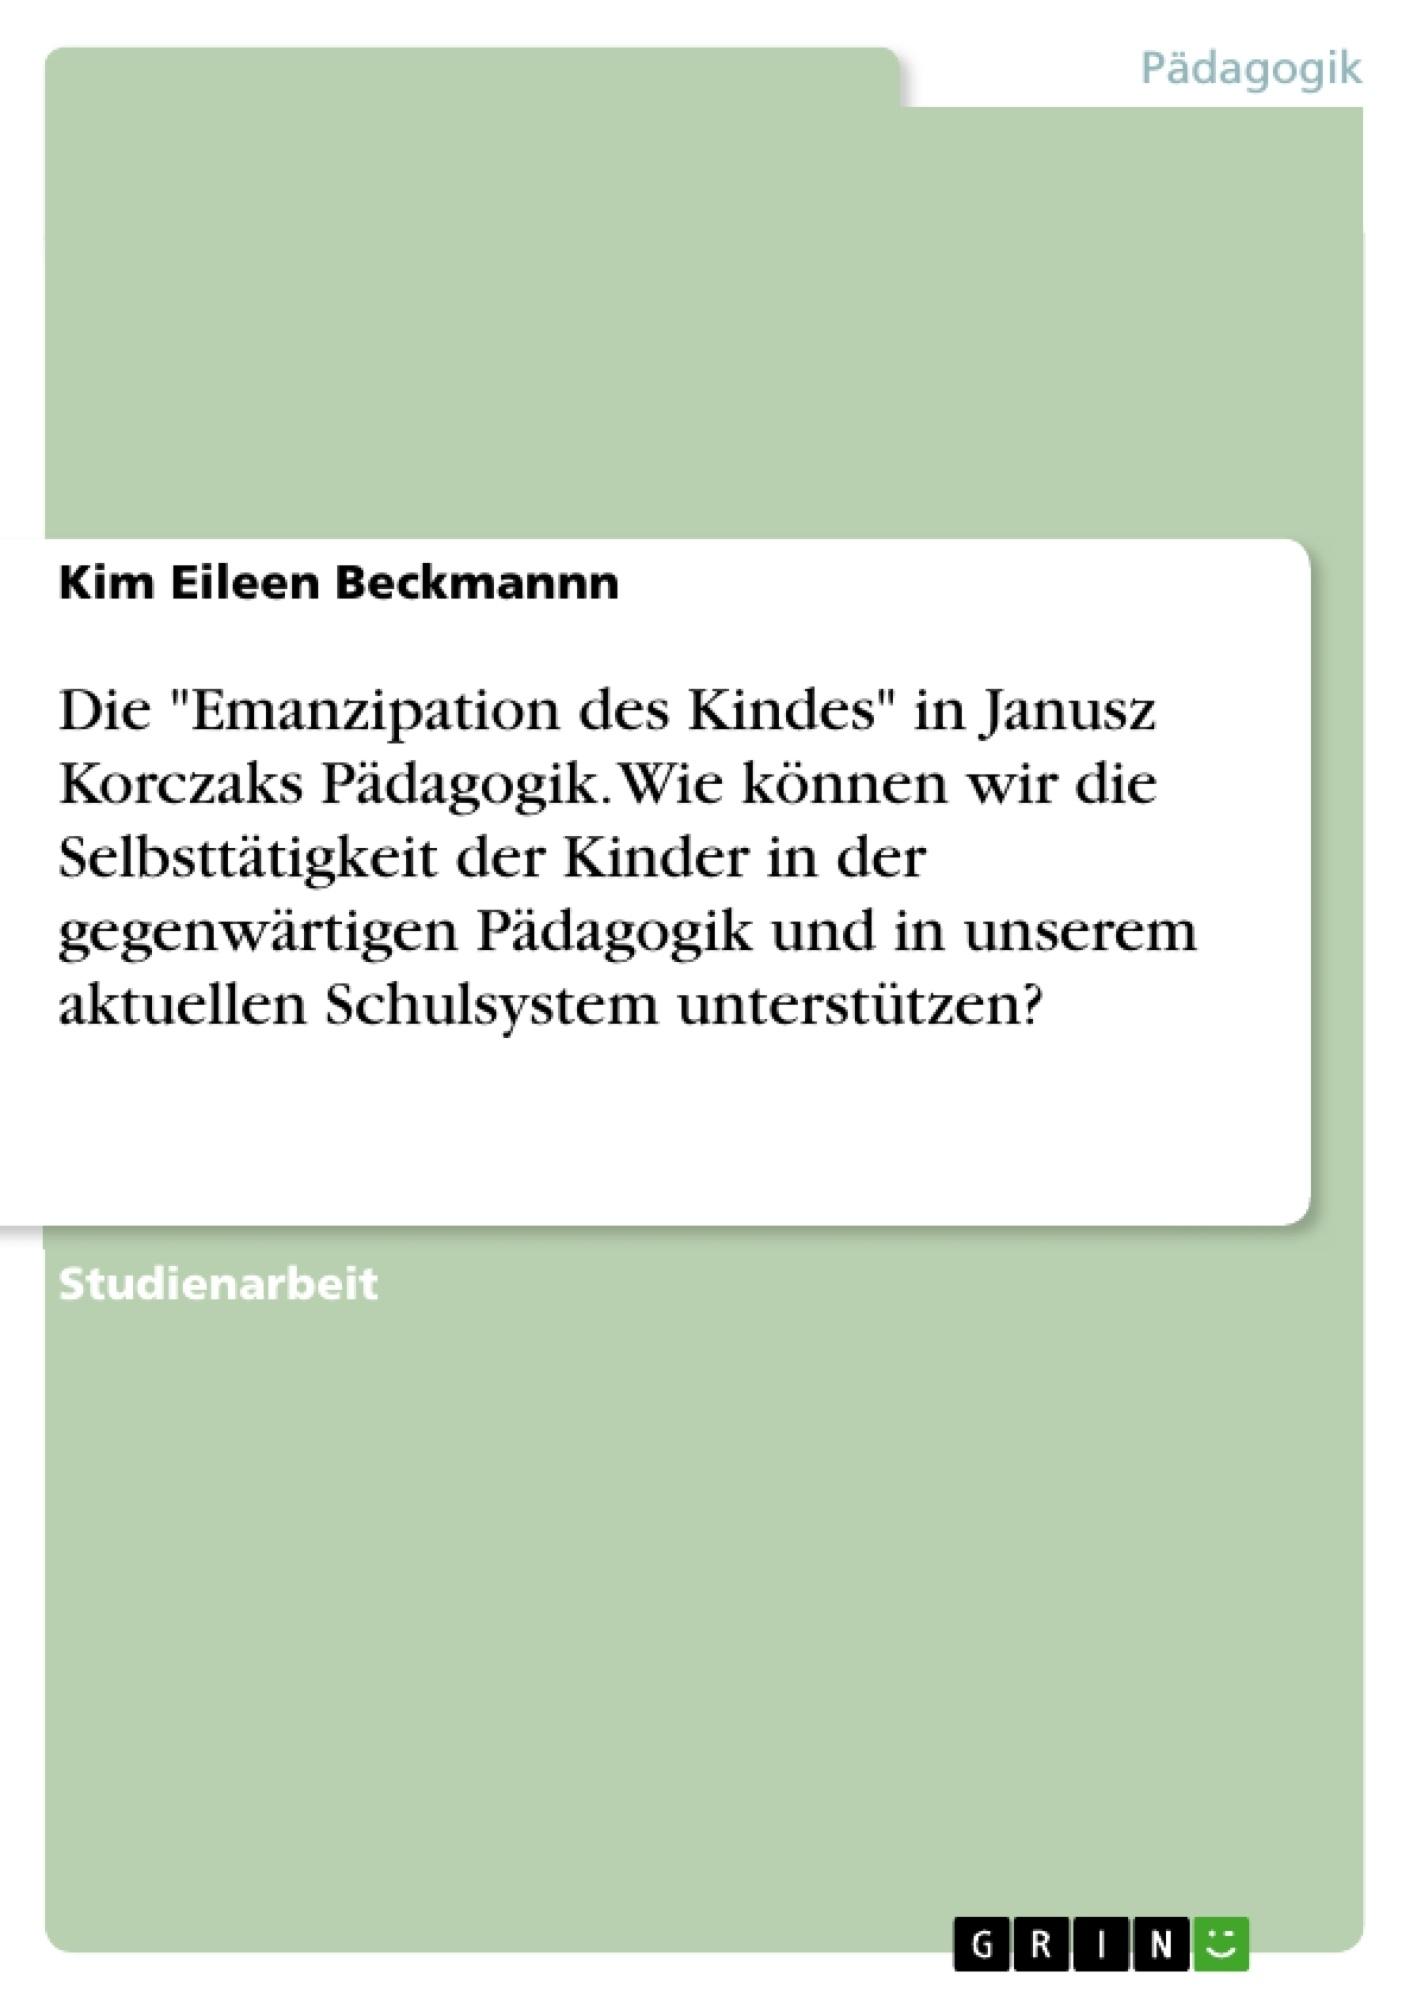 """Titel: Die """"Emanzipation des Kindes"""" in Janusz Korczaks Pädagogik. Wie können wir die Selbsttätigkeit der Kinder in der gegenwärtigen Pädagogik und in unserem aktuellen Schulsystem unterstützen?"""